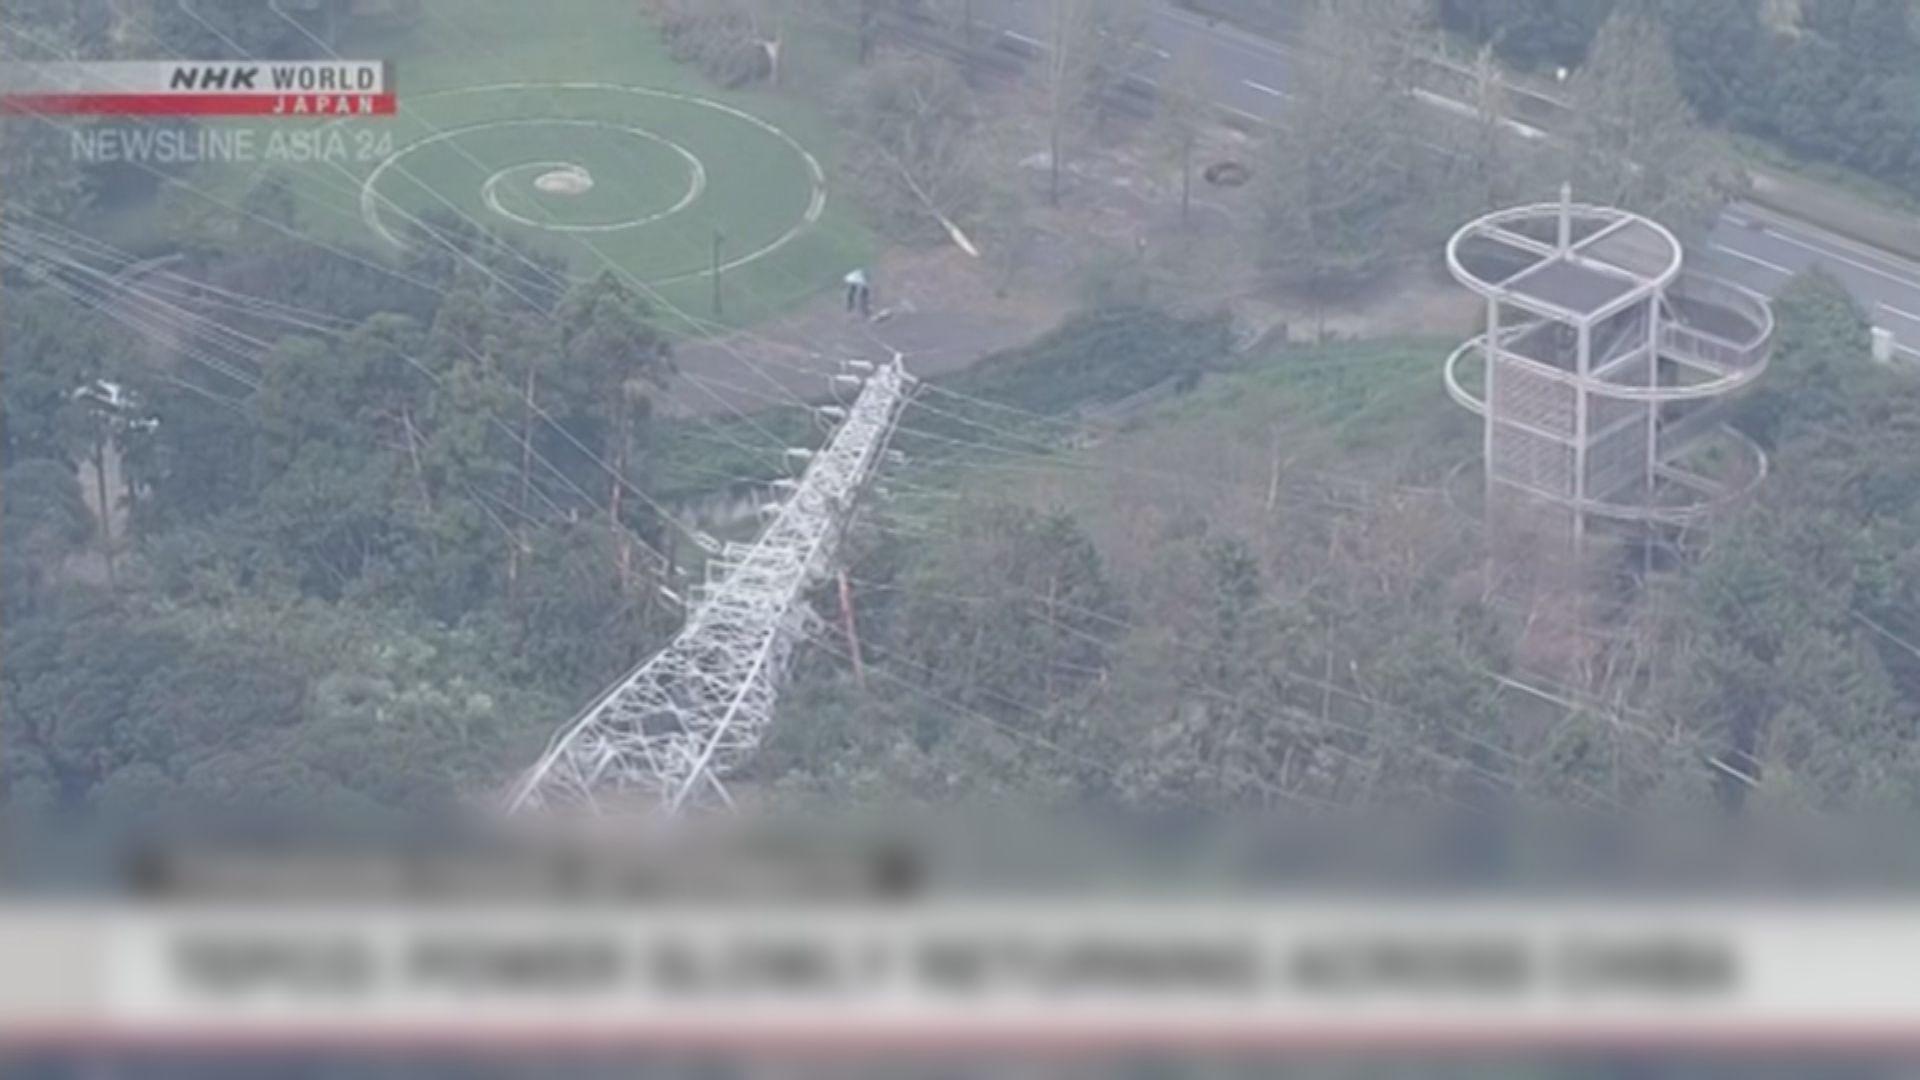 日本千葉縣風災後有超過30萬戶停電